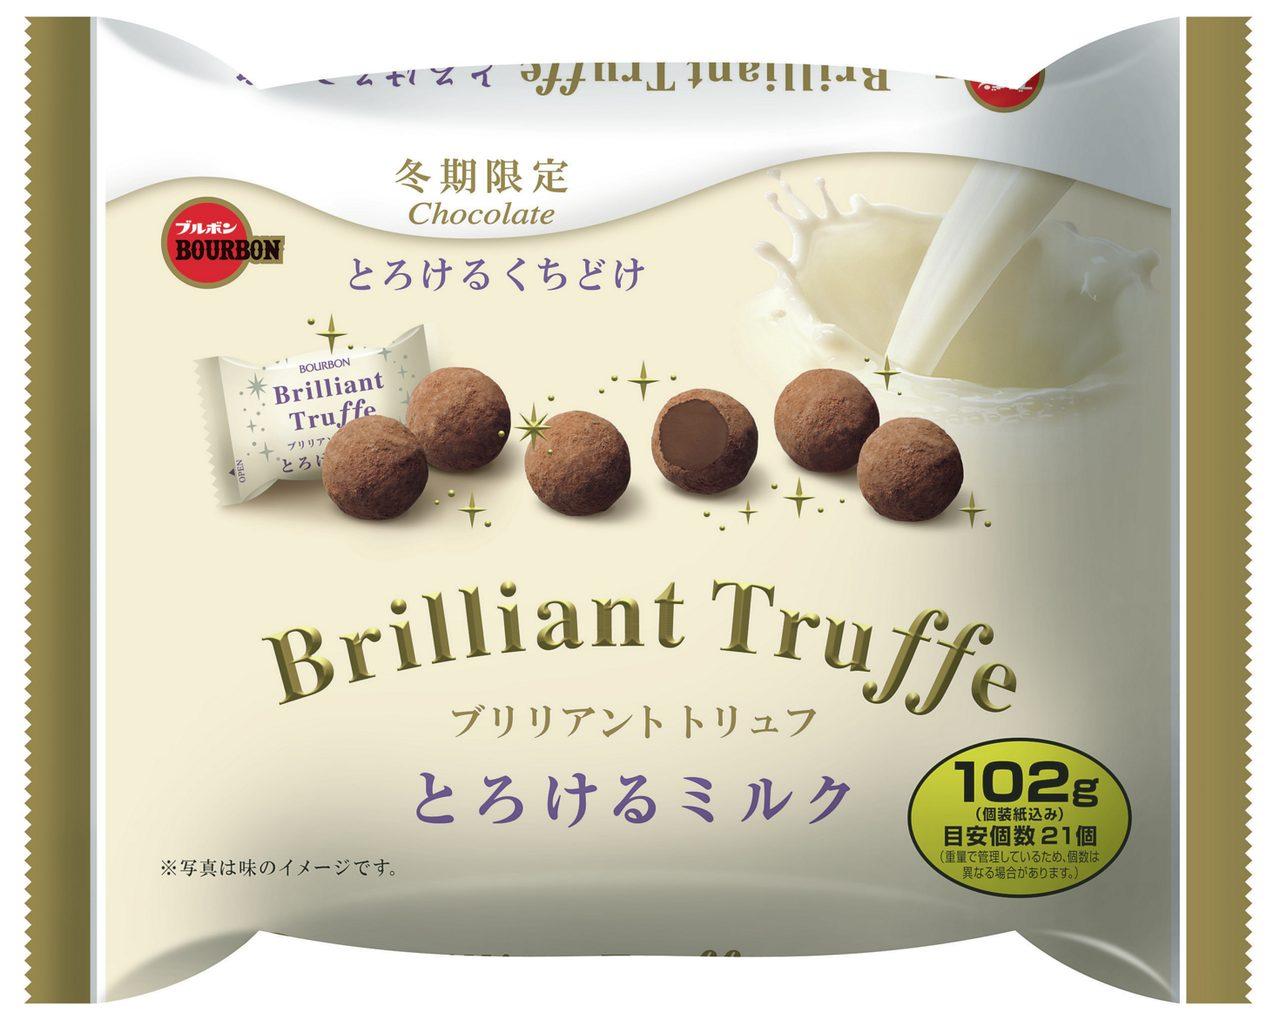 画像: 【102gブリリアントトリュフとろけるミルク】 コクのあるベルギー産ミルクチョコレートをブレンドし、芳醇なミルク感が押し寄せるトリュフチョコレートに仕上げました。専門店のトリュフチョコレートを思わせる濃厚感ととろけるくちどけをお楽しみいただけます。 商品名      :102gブリリアントトリュフとろけるミルク 内容量      :102g(個装紙込み) 発売日      :2015年12月1日(火) 全国発売 販売チャネル(予定):量販店、ドラッグストア、小売店、売店など